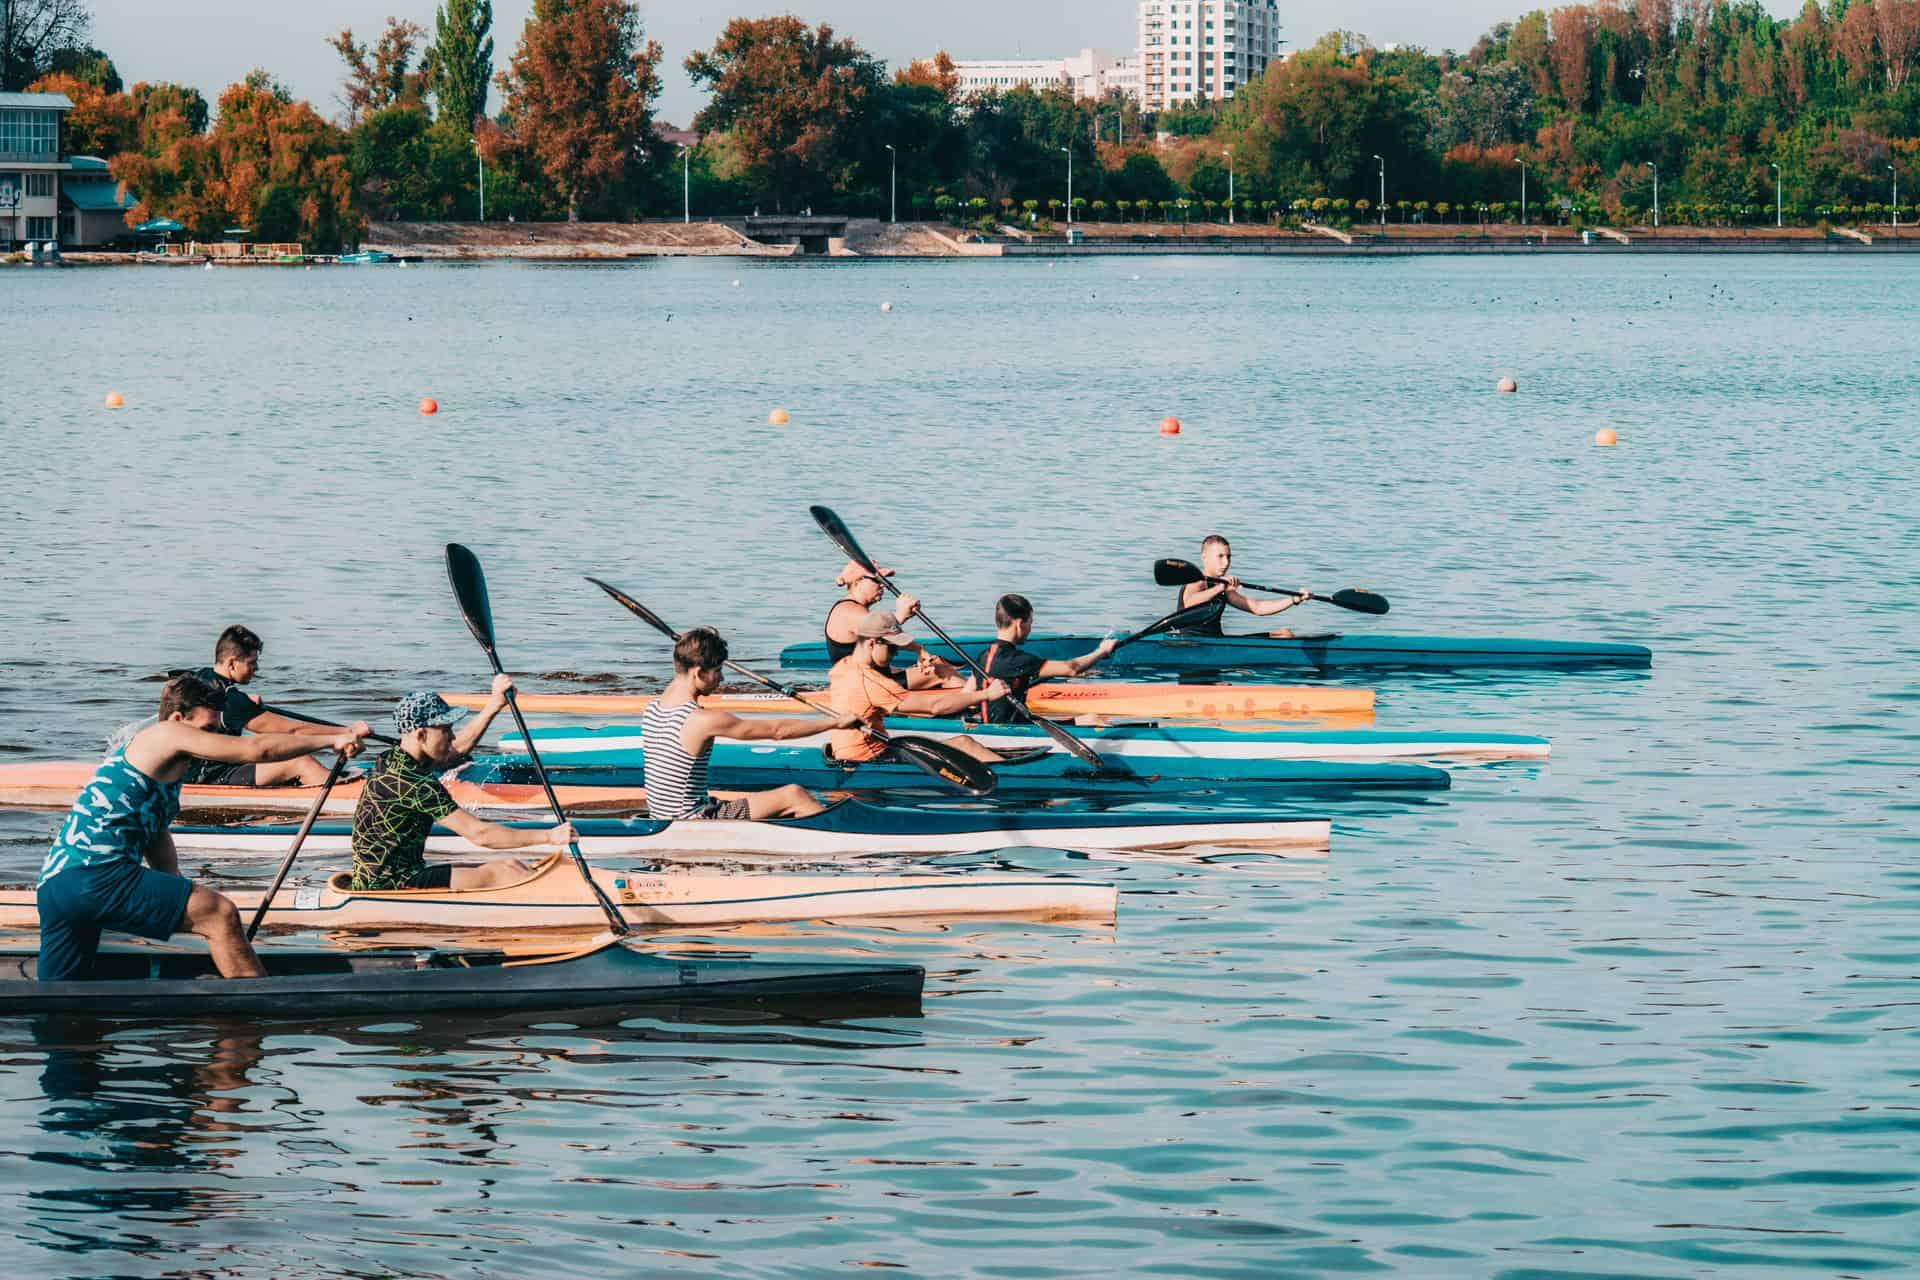 grupa kajakarzy płynąca wzdłuż parku